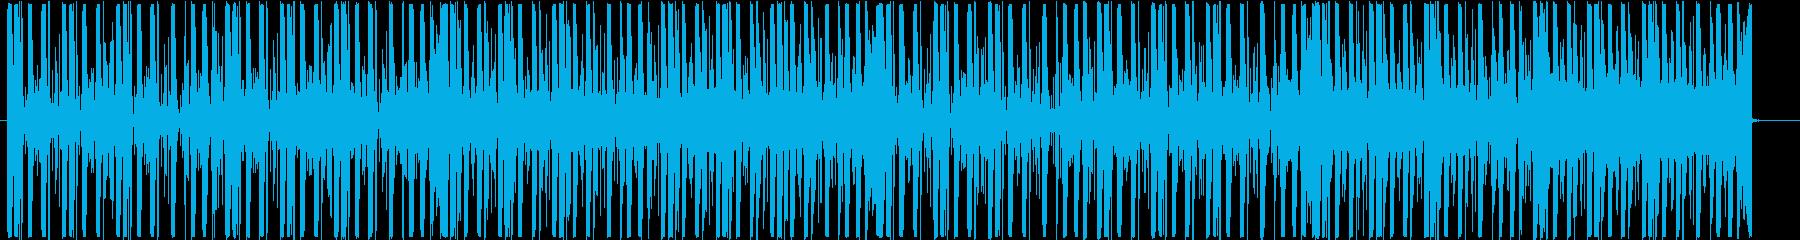 ヒップホップ研究所Swaggeri...の再生済みの波形